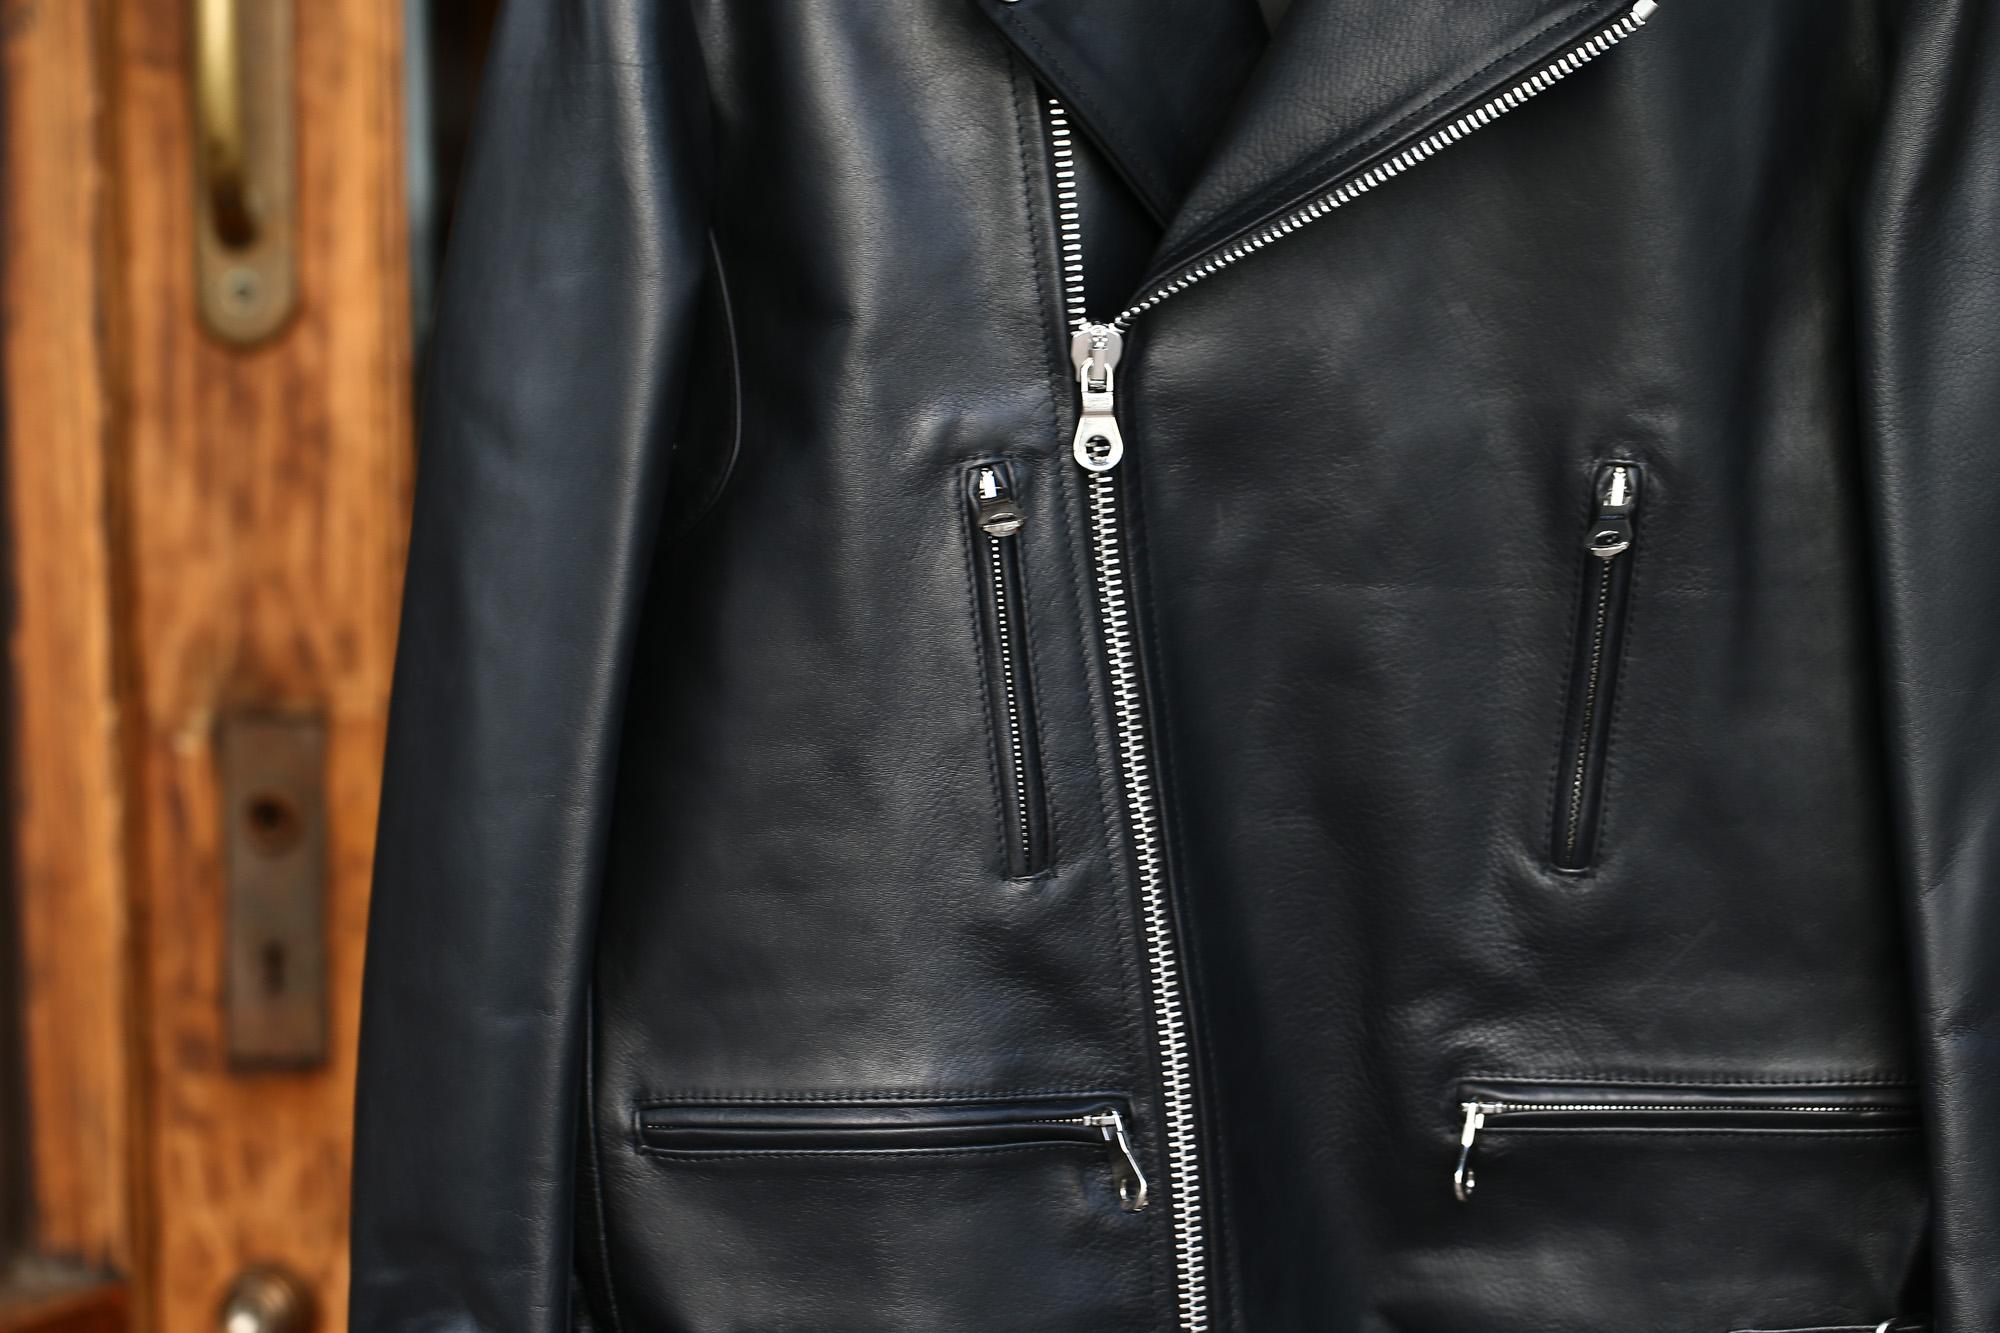 CINQUANTA (チンクアンタ) H508 W RIDERS SL CAVALLO (ダブルライダース ジャケット SL) ホースレザー ライダース ジャケット BLACK (ブラック・999) Made in italy (イタリア製) 2018 春夏新作 cinquanta チンクアンタ レザージャケット ジャケット 愛知 名古屋 ZODIAC ゾディアック